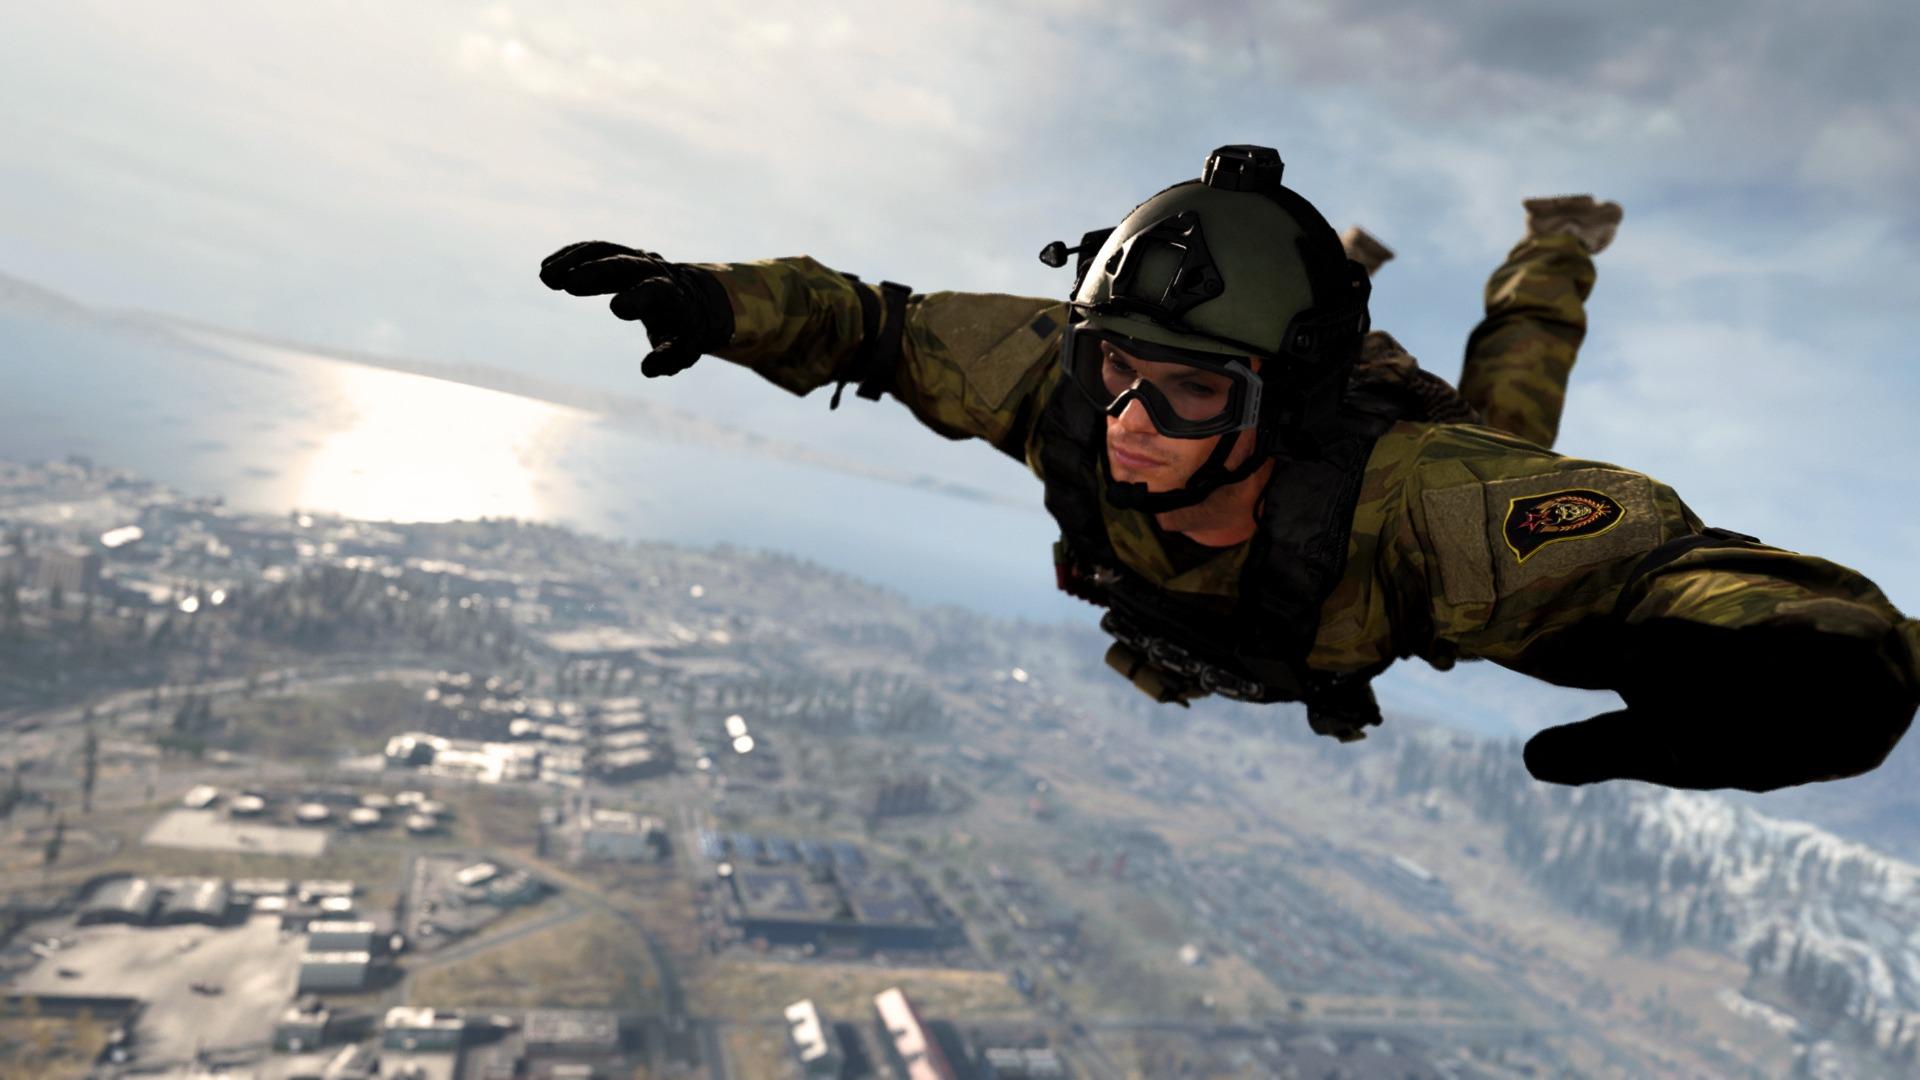 Schneller landen in CoD Warzone – So überlebt ihr auch ohne Fallschirm